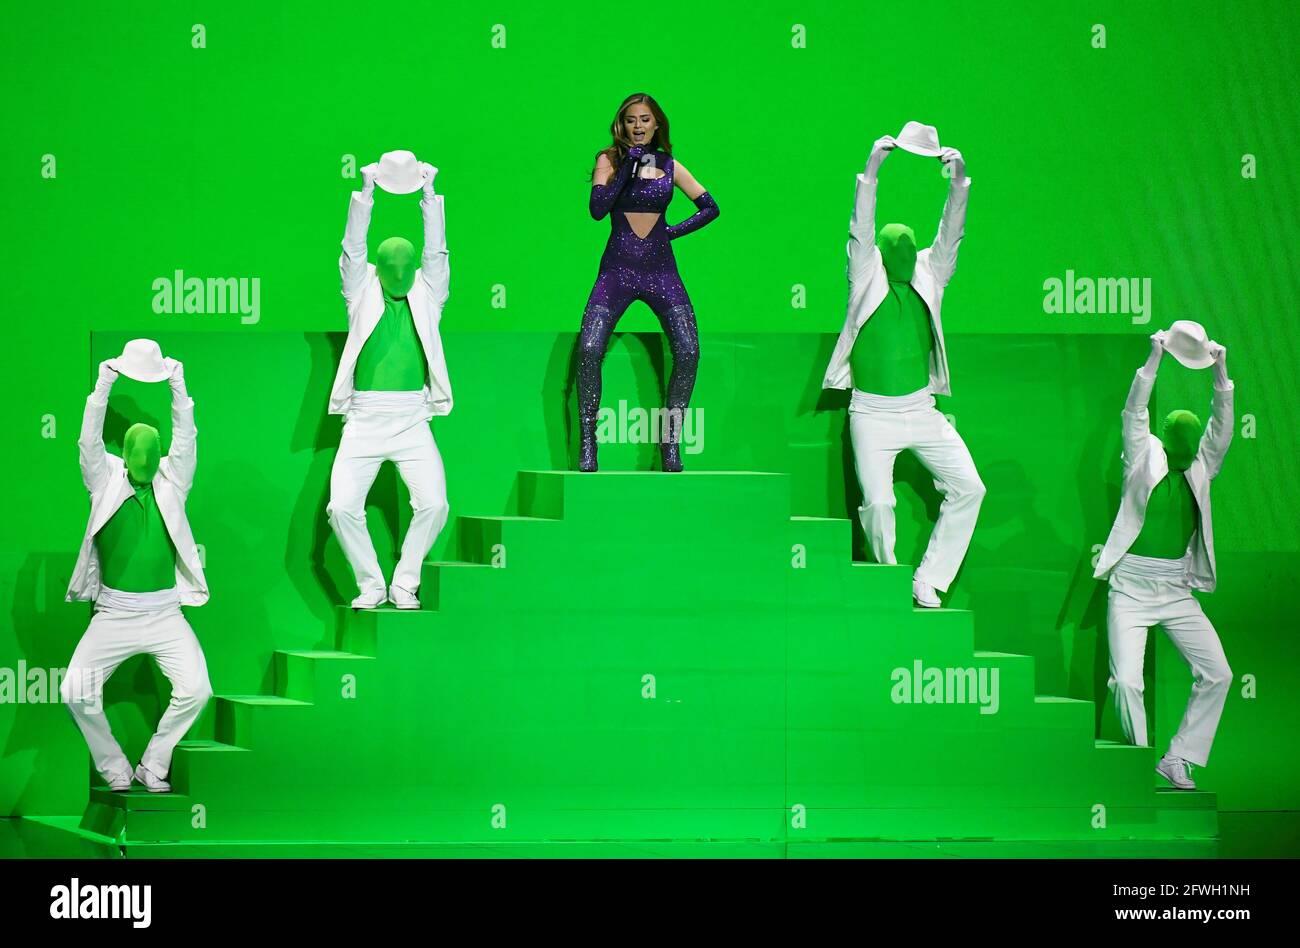 Il partecipante greco Stefania si esibisce durante la finale del Concorso Eurovisione Song 2021 a Rotterdam, Paesi Bassi, 22 maggio 2021. REUTERS/Piroschka van de Wouw Foto Stock